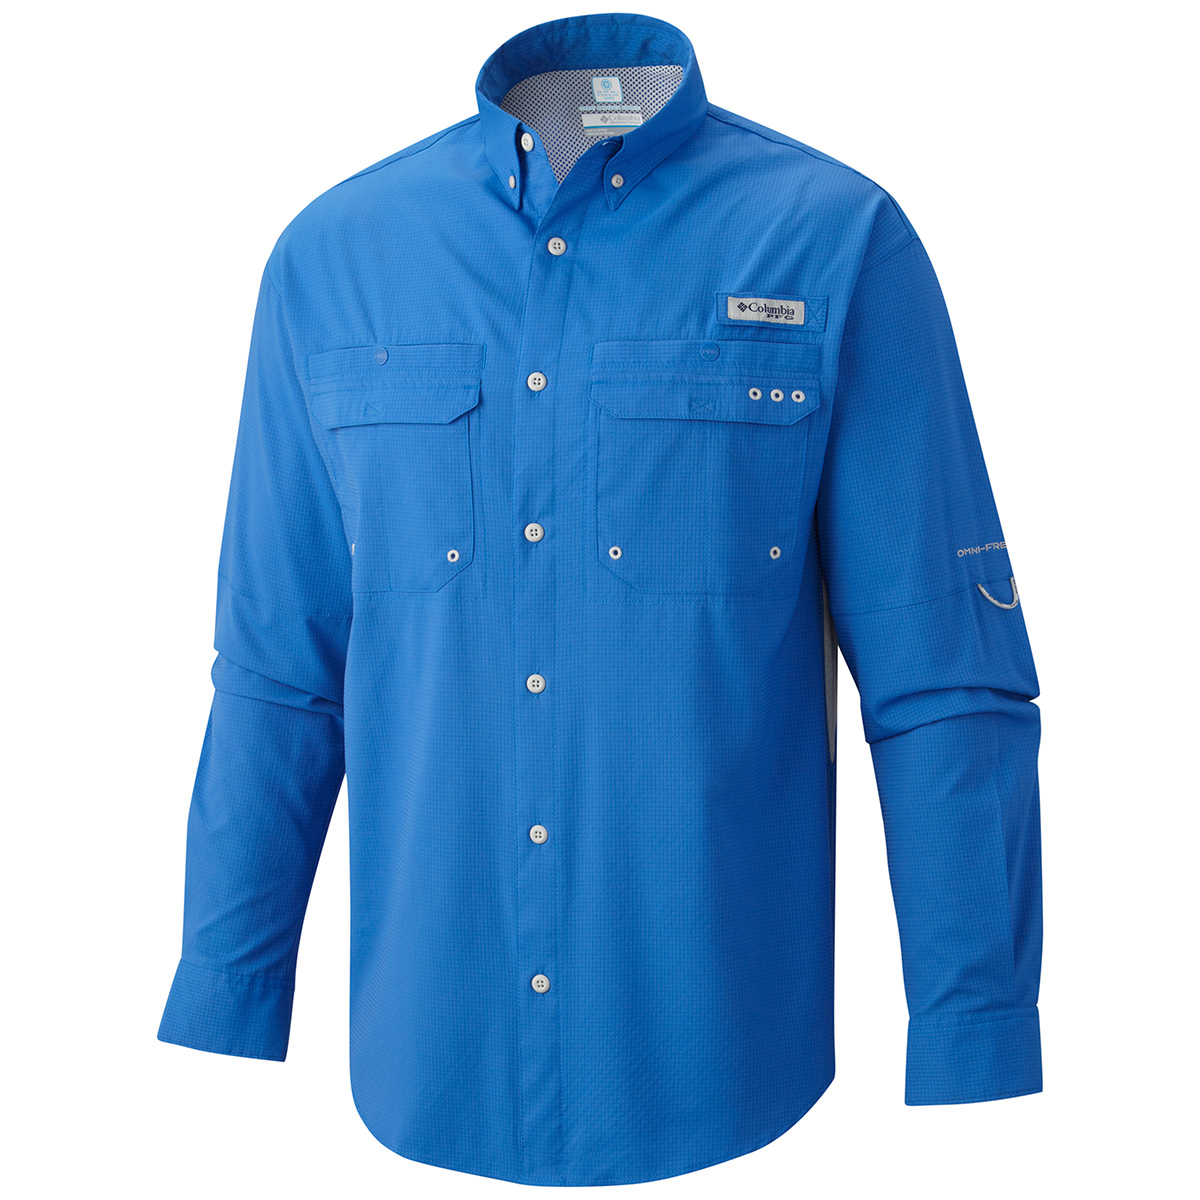 Columbia cast away zero woven long sleeve shirt fishing for Fly fishing sun shirt